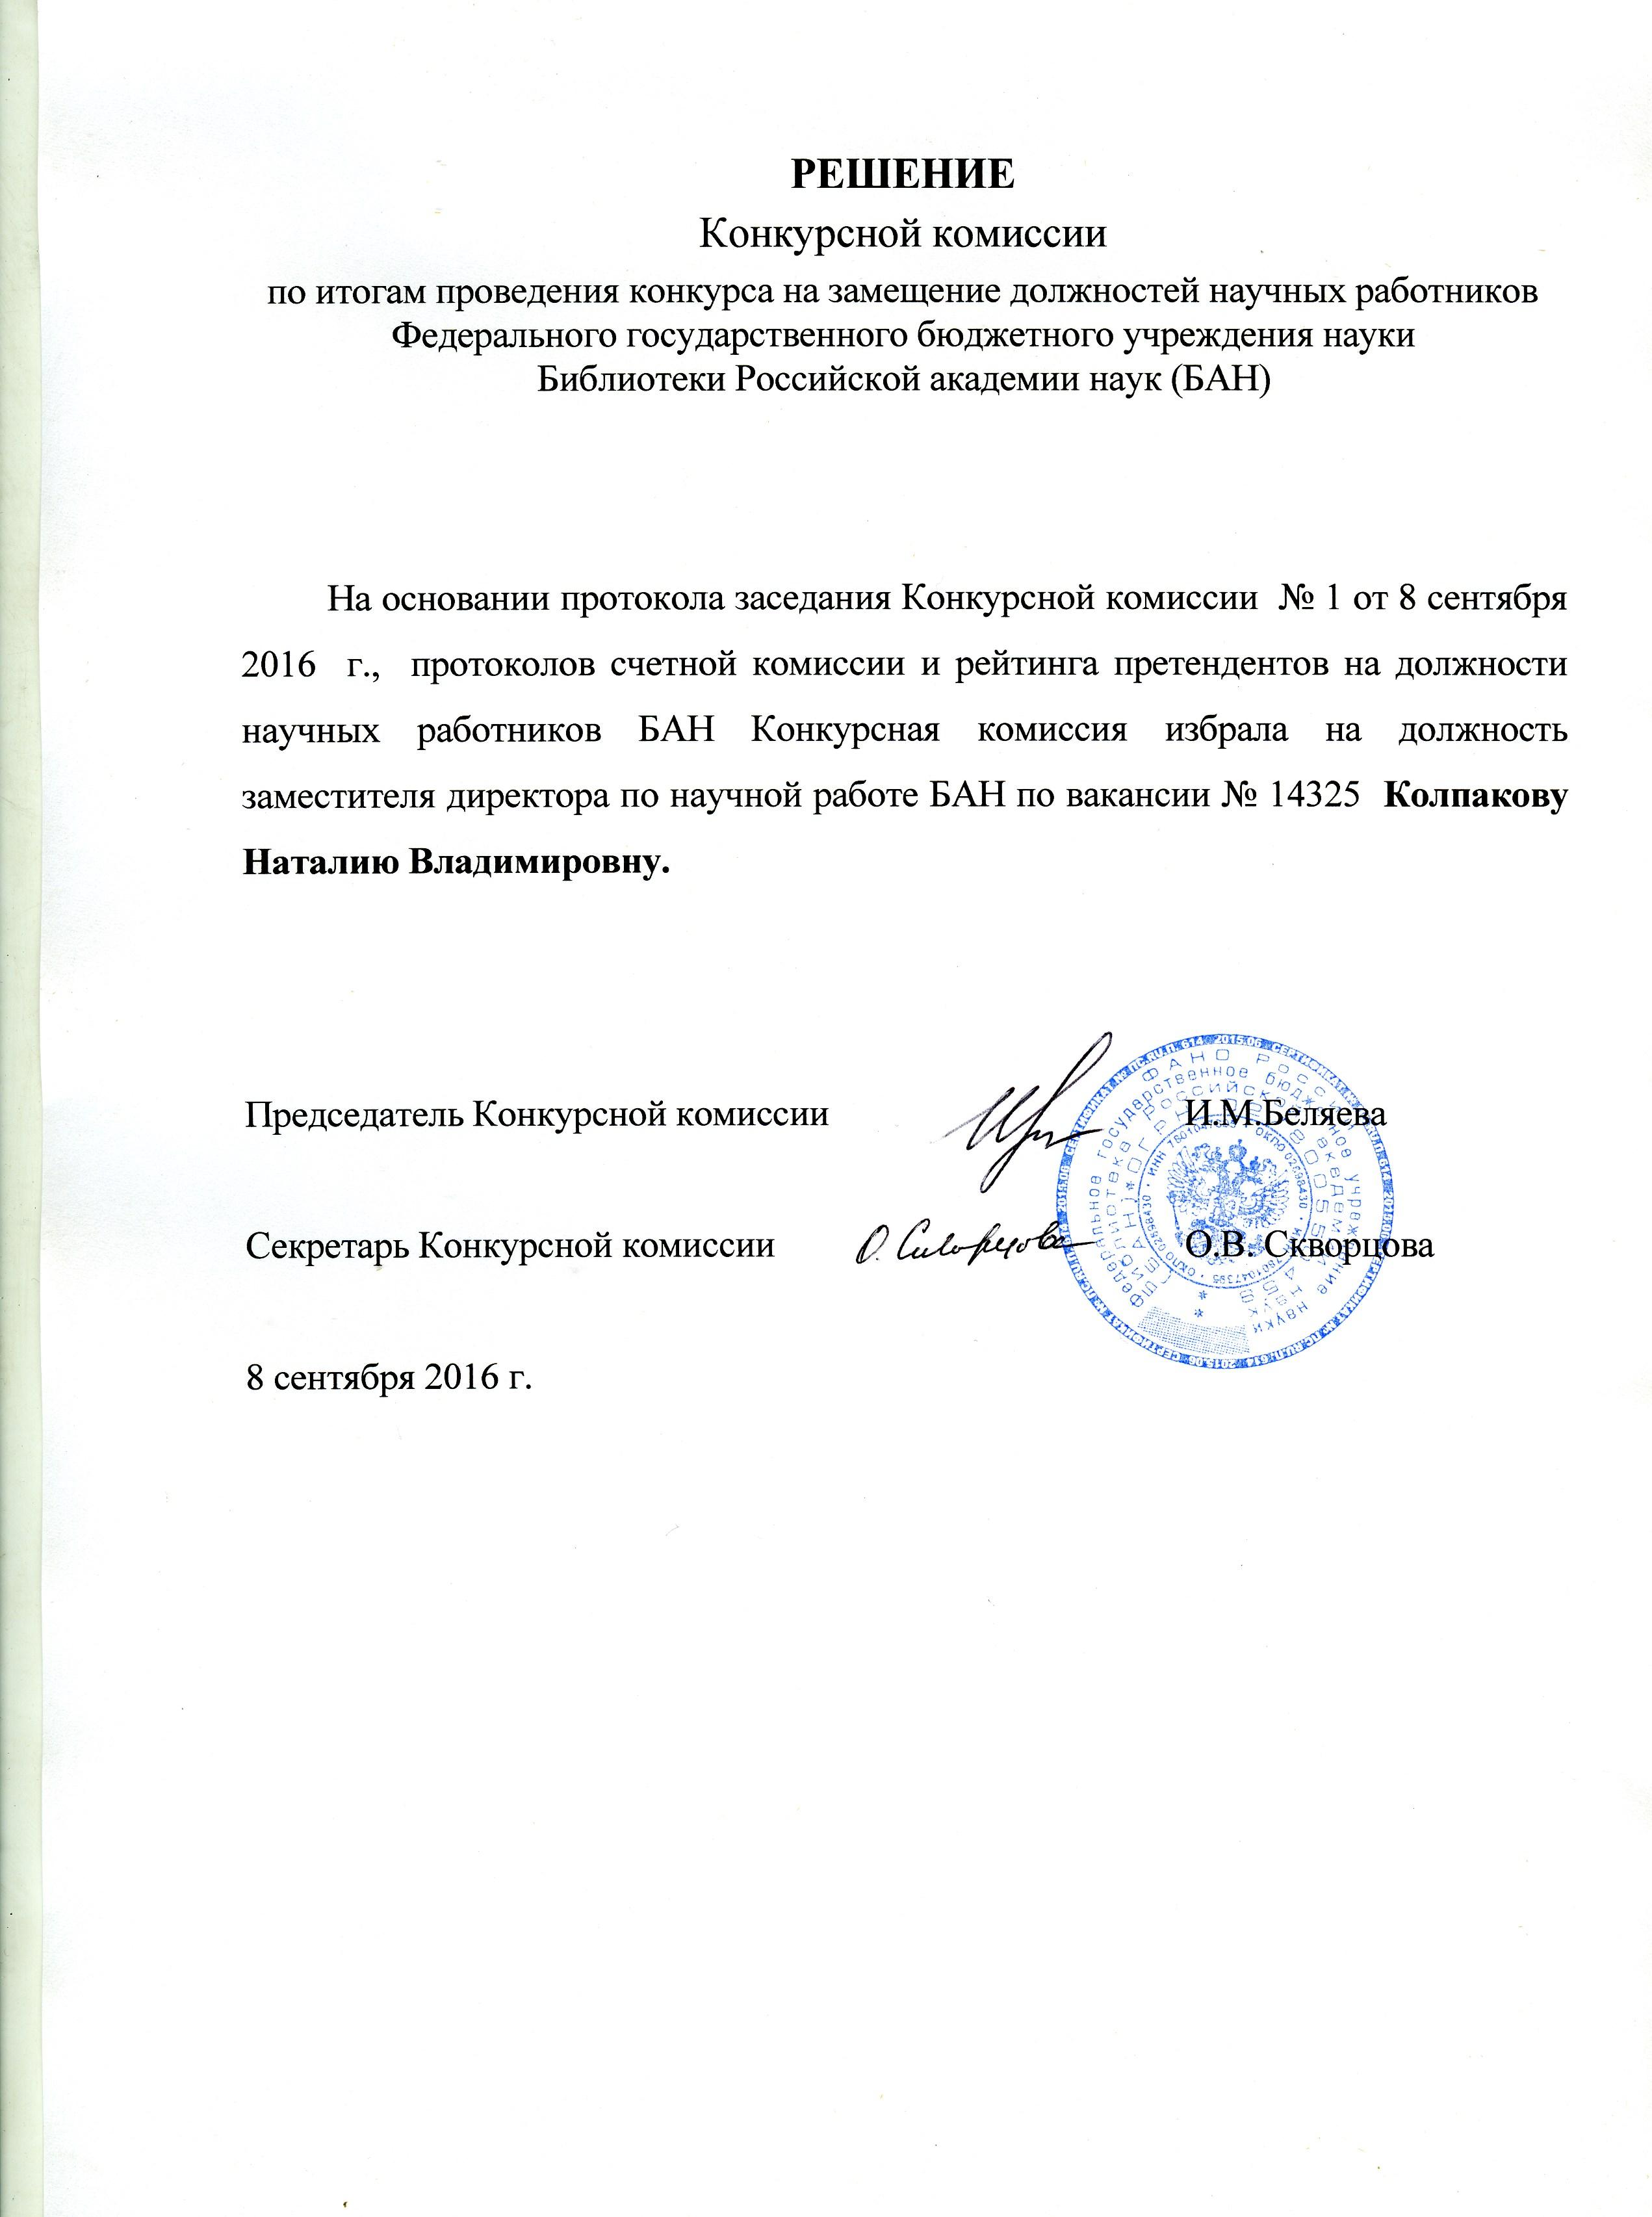 Решение комиссии о проведение конкурса